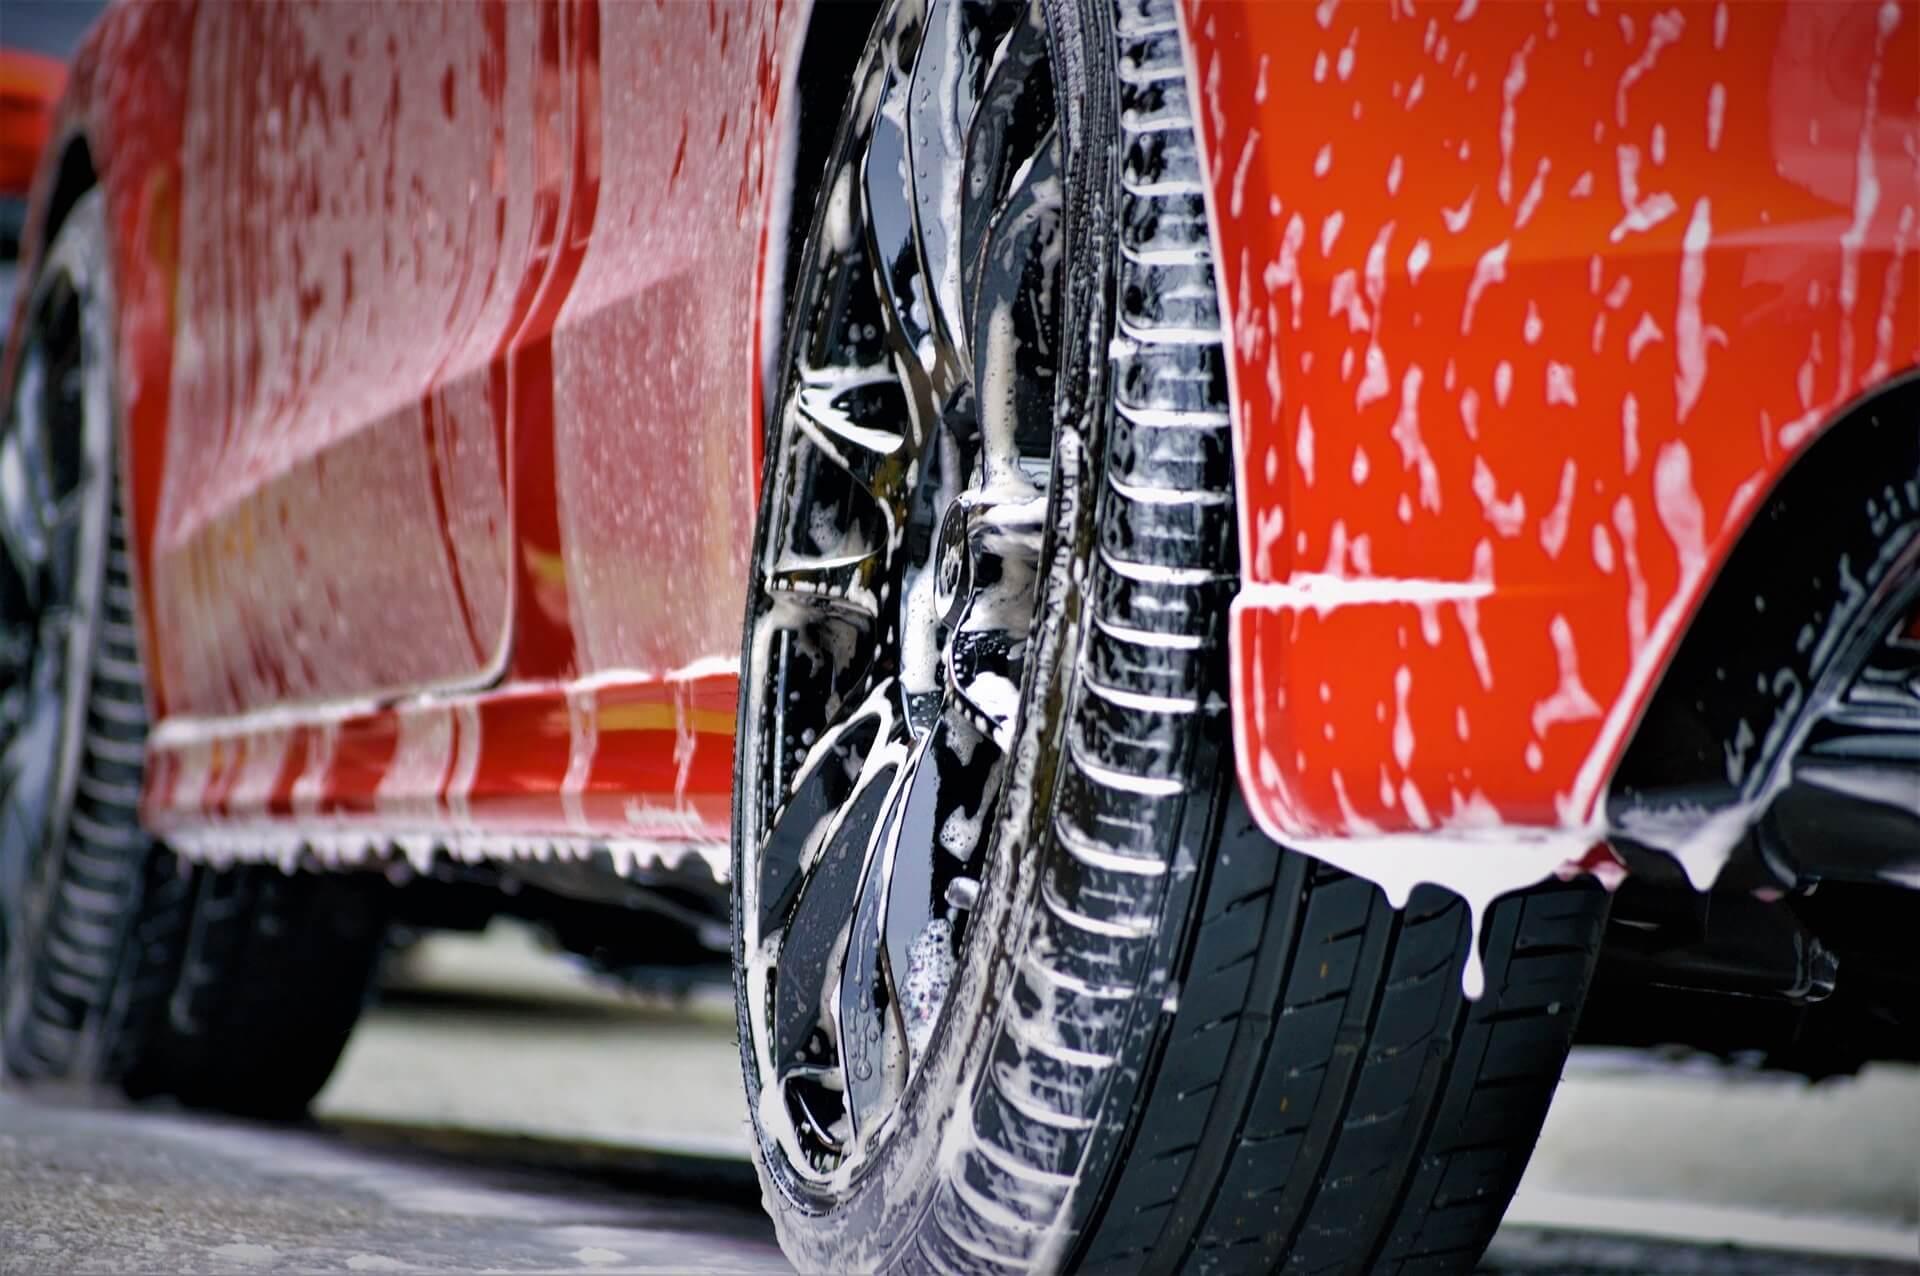 car-wash-3960877_1920a